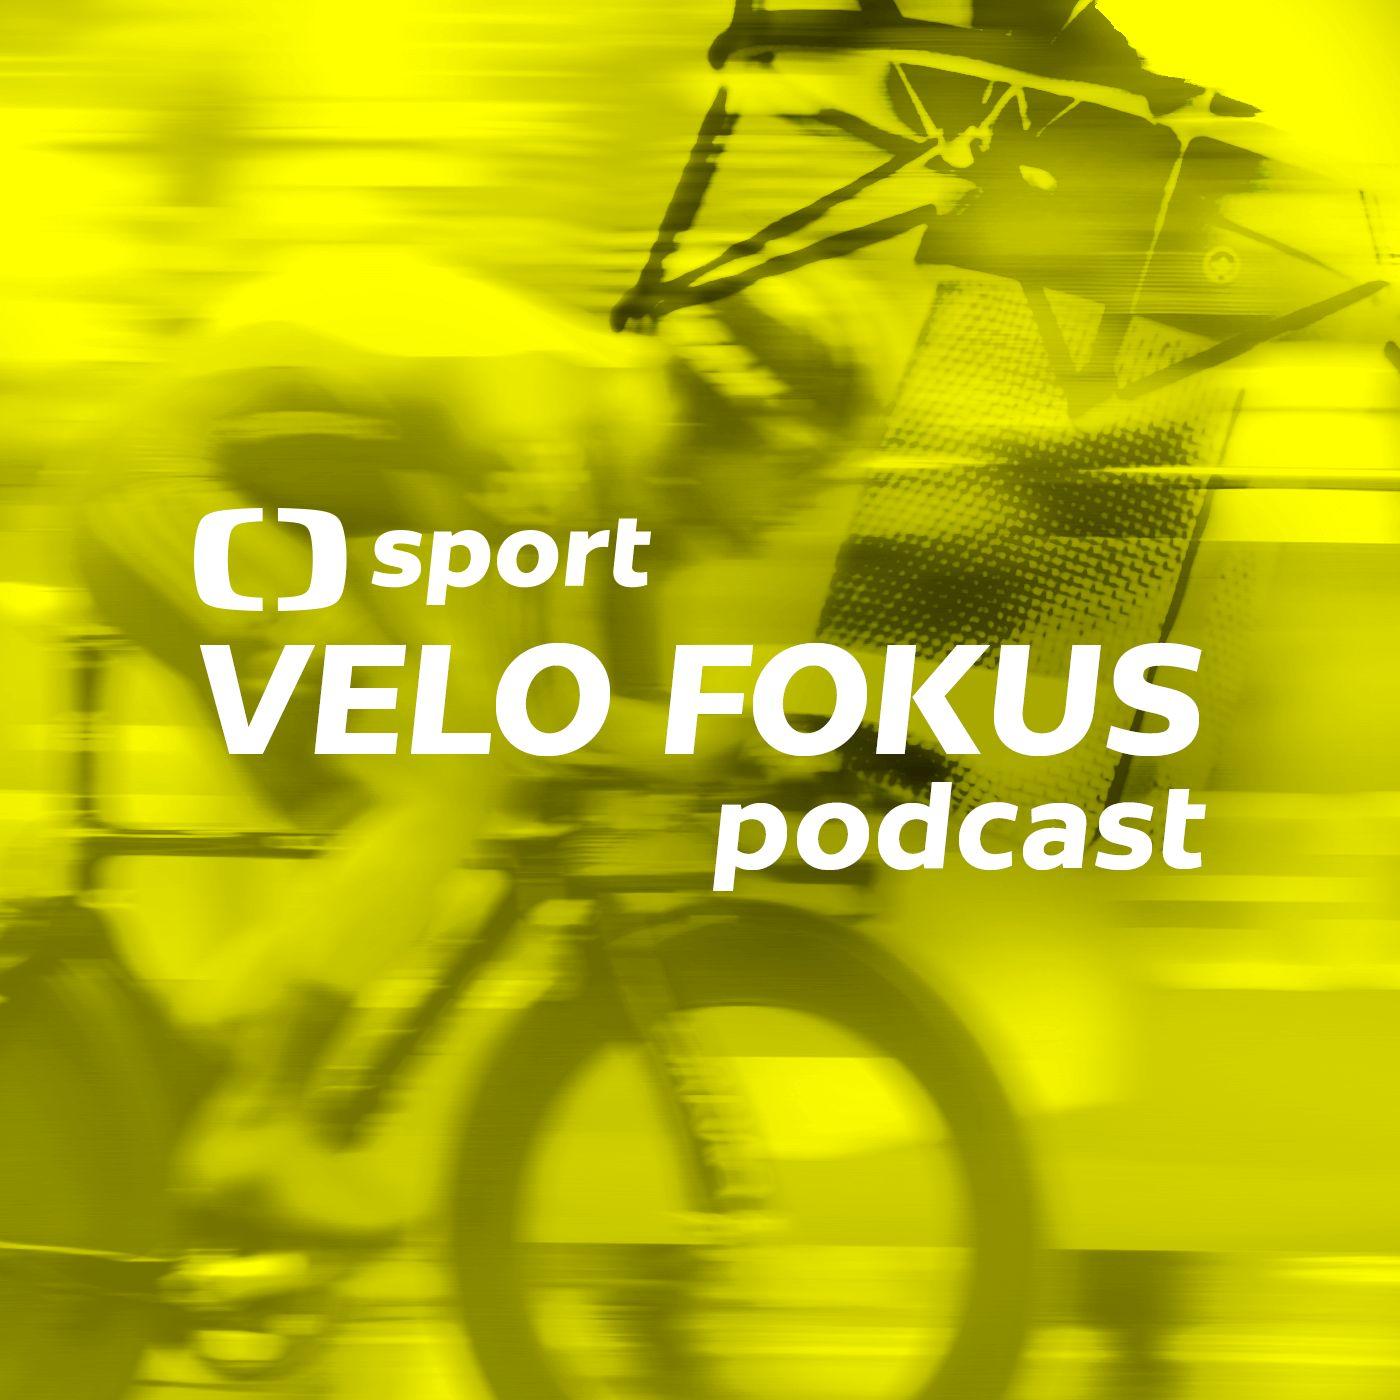 Velo fokus podcast: Zastaví se mašina jménem Valverde? A co chystá Petr Vakoč?